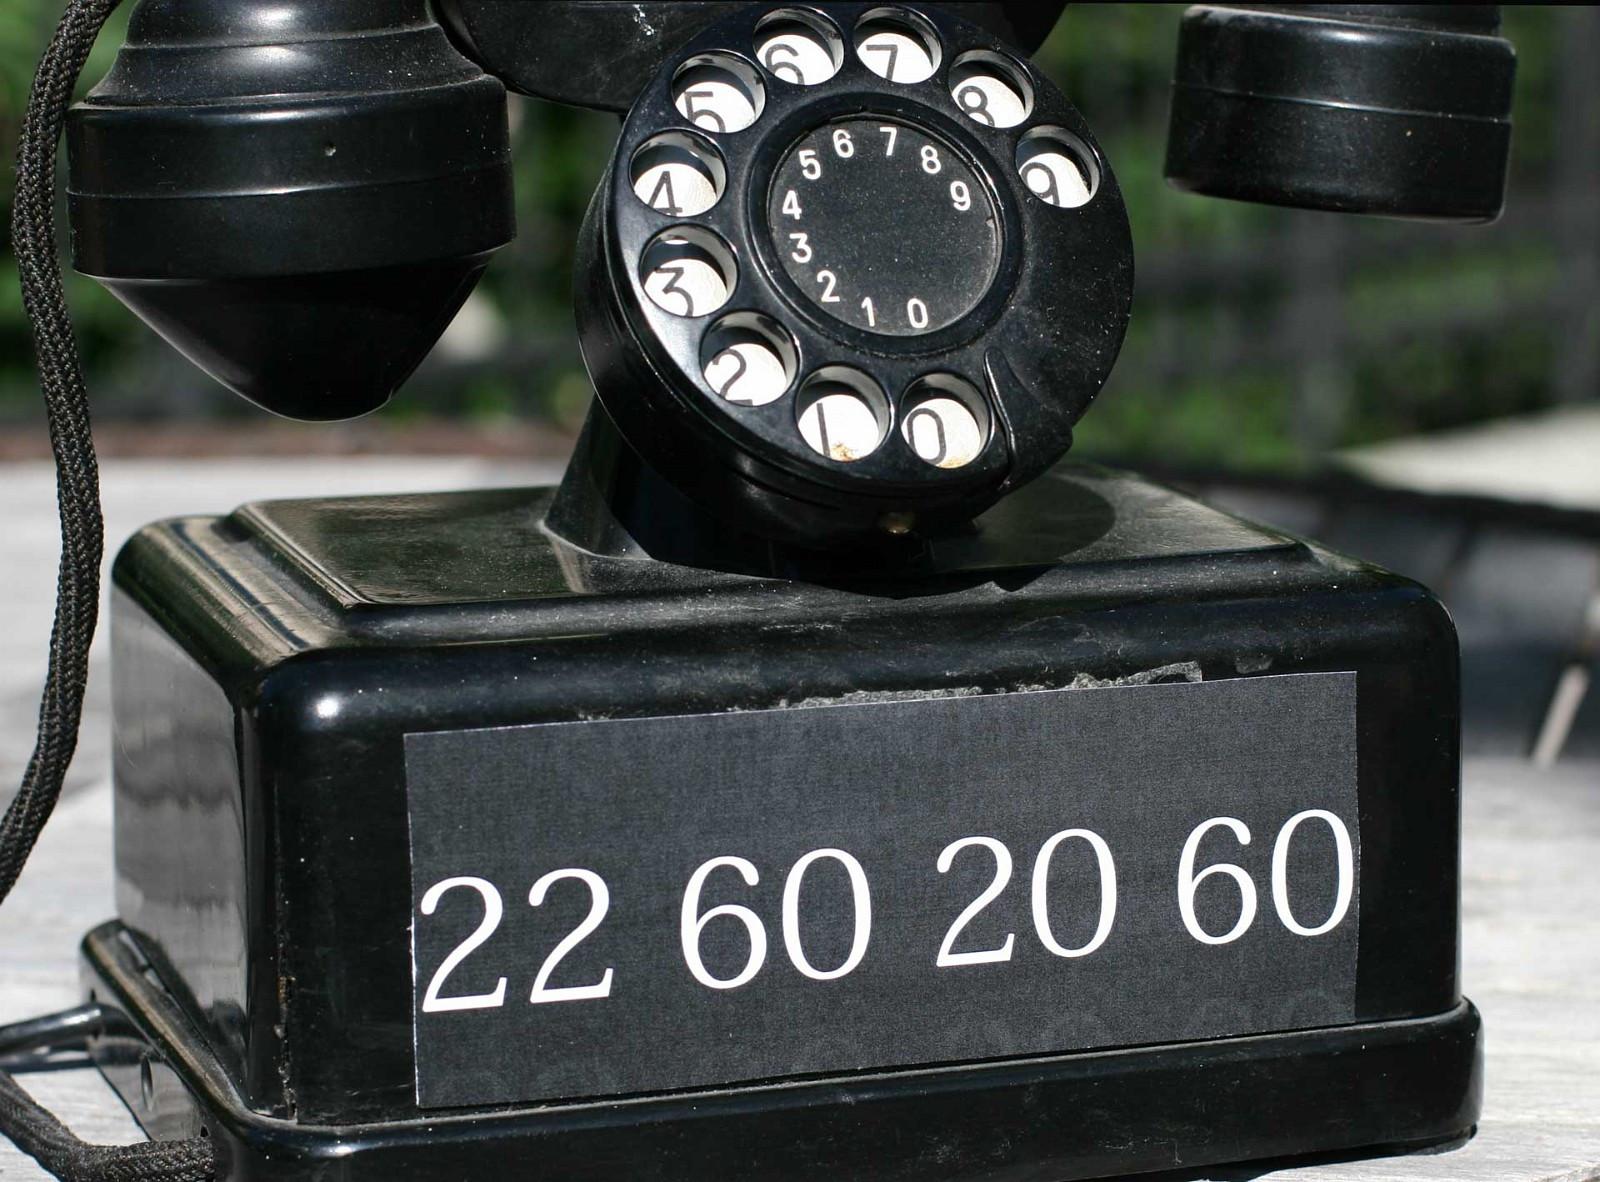 22 60 20 60 - klassisk gullnummer fra Oslo Vest - Oslo  - Gullnummer fra Oslo Vest selges høystbydende. Nummer 22 60 20 60 tilhørte opprinnelig en telefonsentral som dekket Majorstuen og Frogner. Det er et iøynefallende nummer, og derfor lett å huske. Kan overføres som IP-telefon (for eksempel via I - Oslo